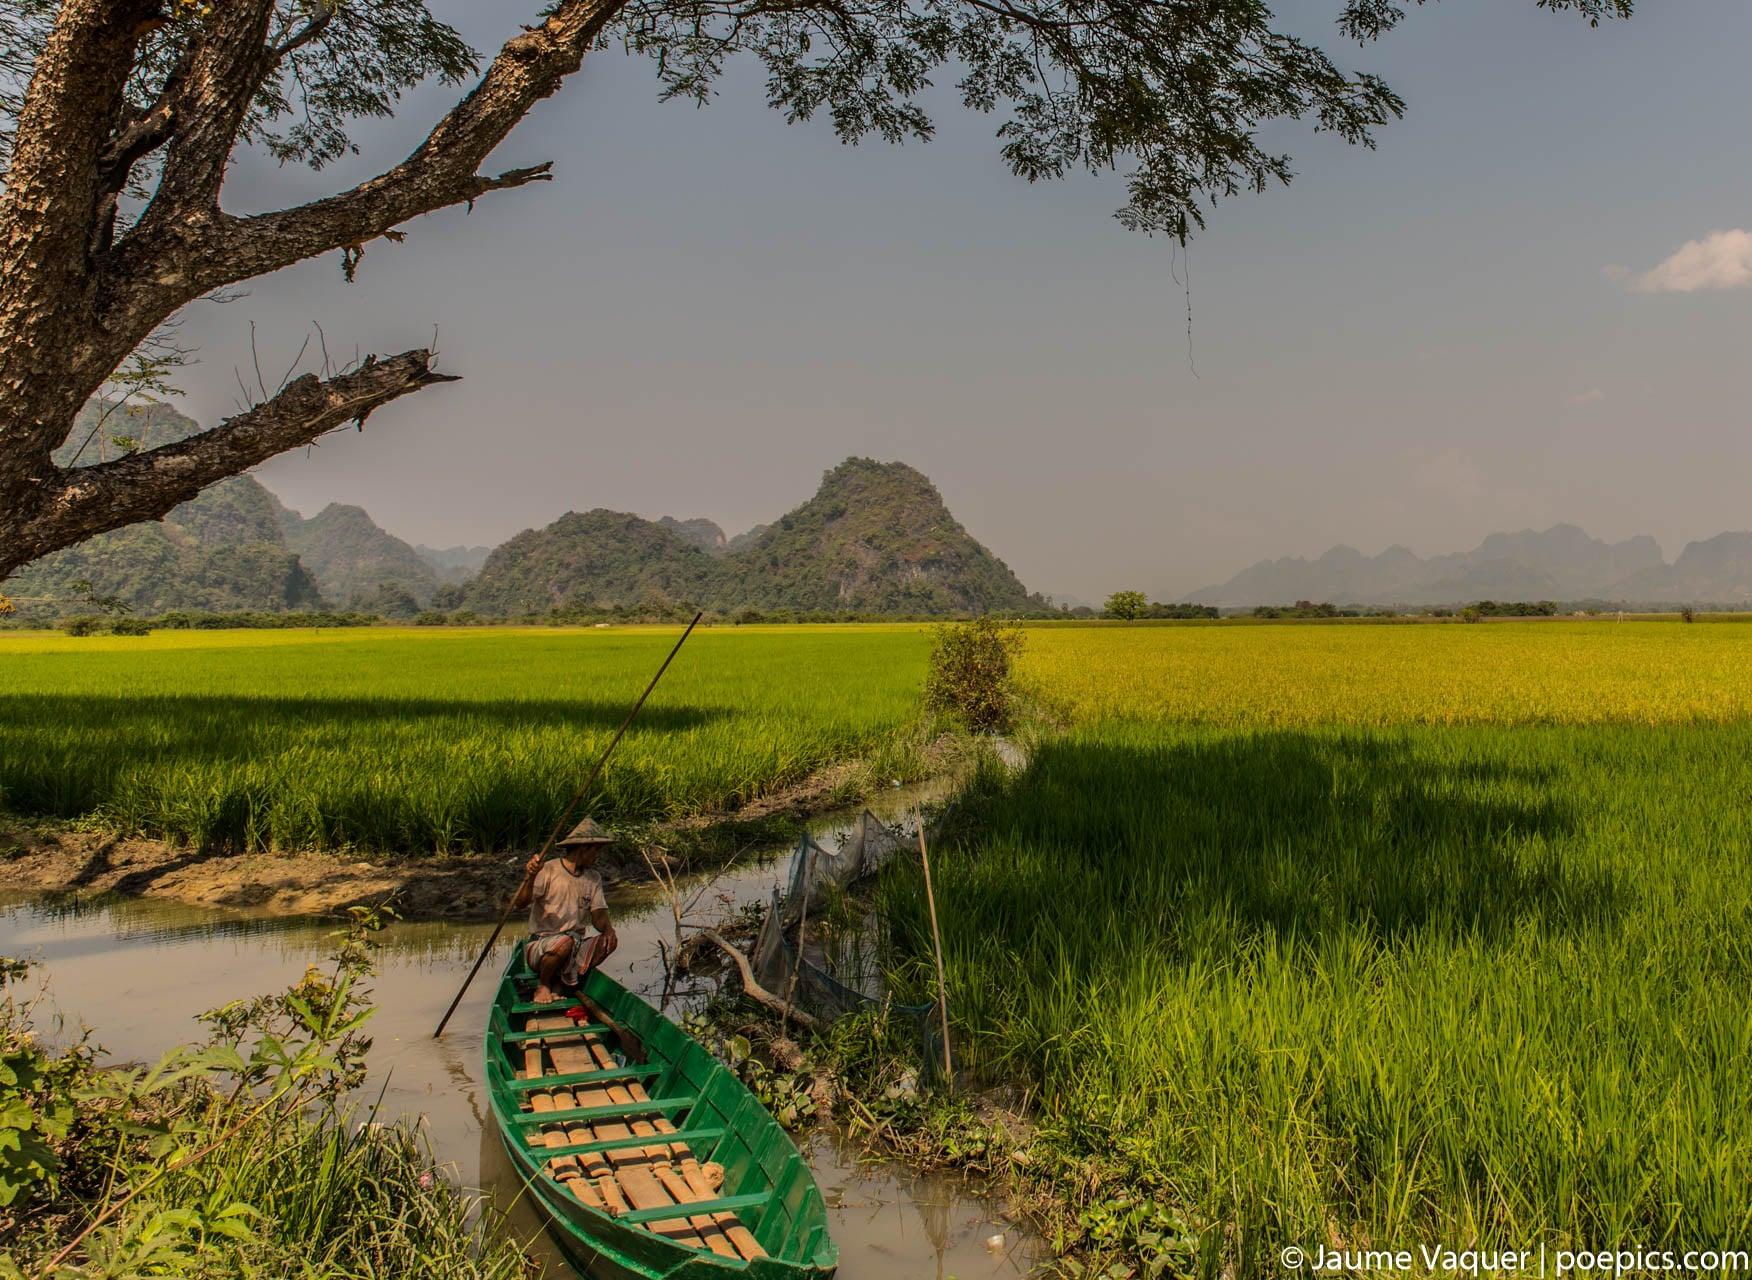 Landscape of Hpa-An, Myanmar (Burma)